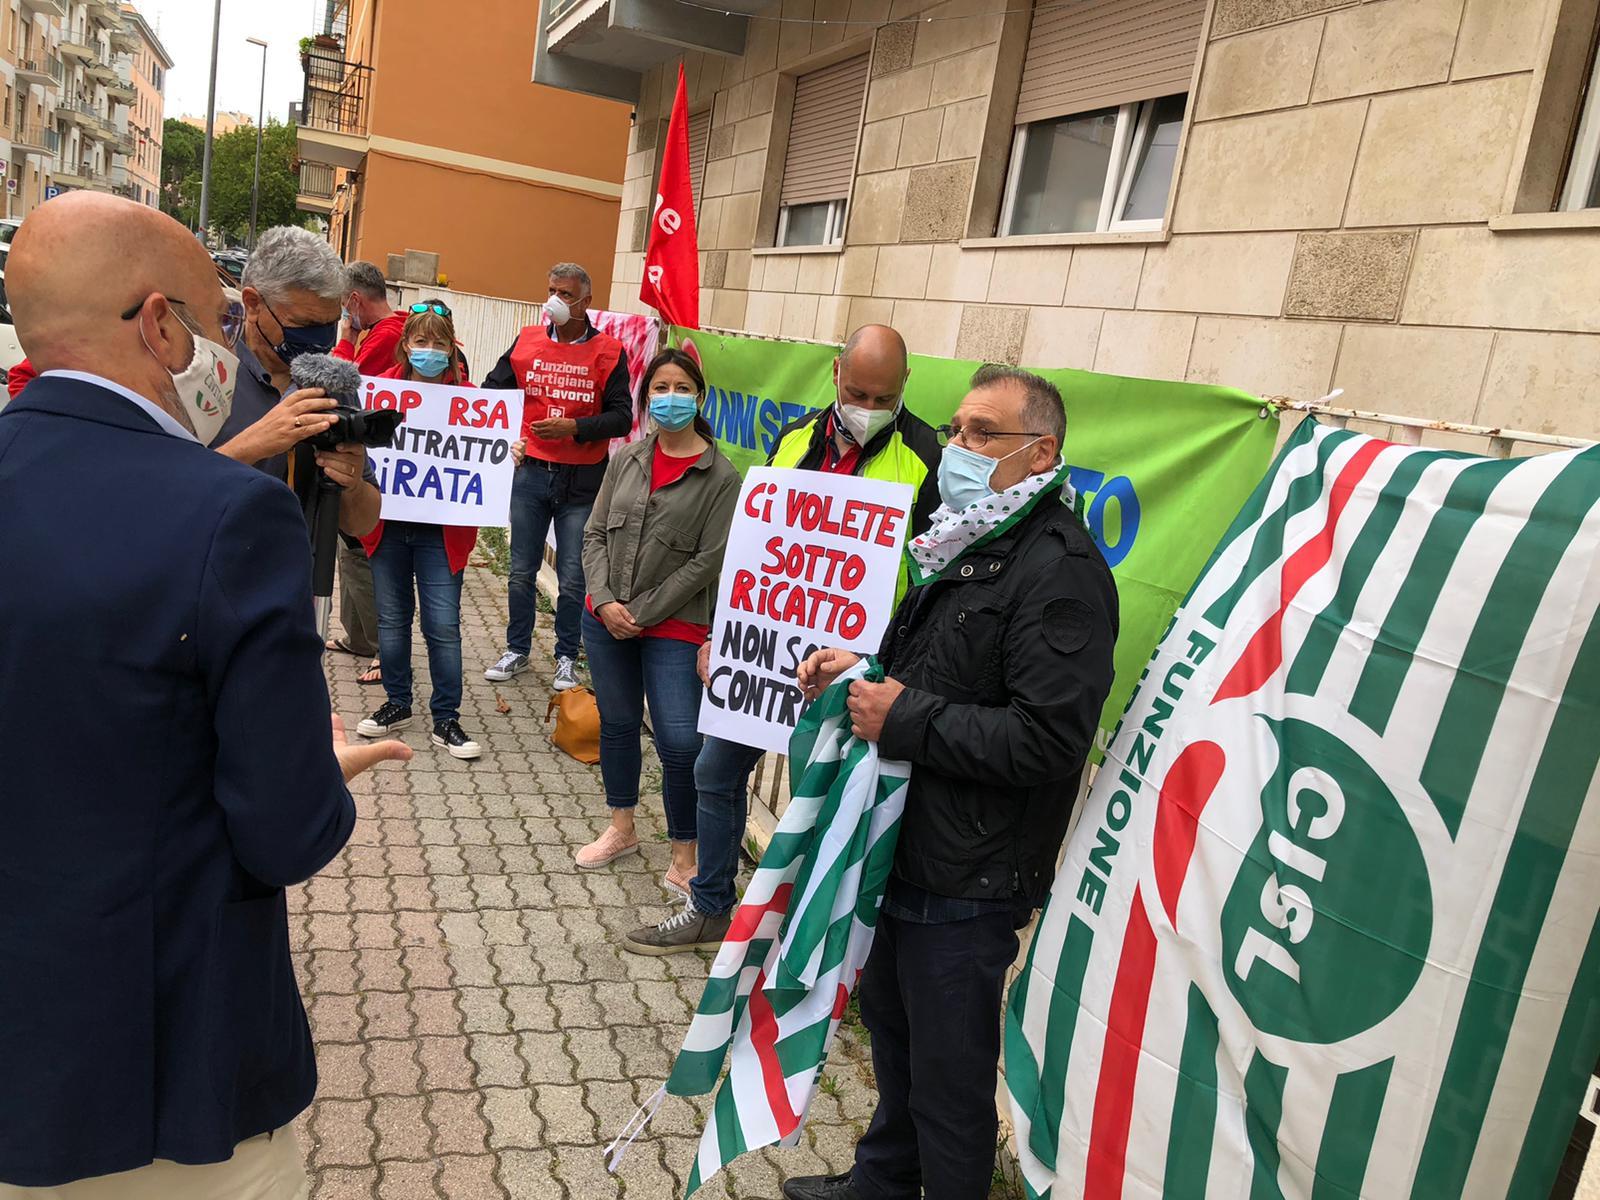 Sanità privata, lavoratori in stato d'agitazione  per il mancato rinnovo del contratto